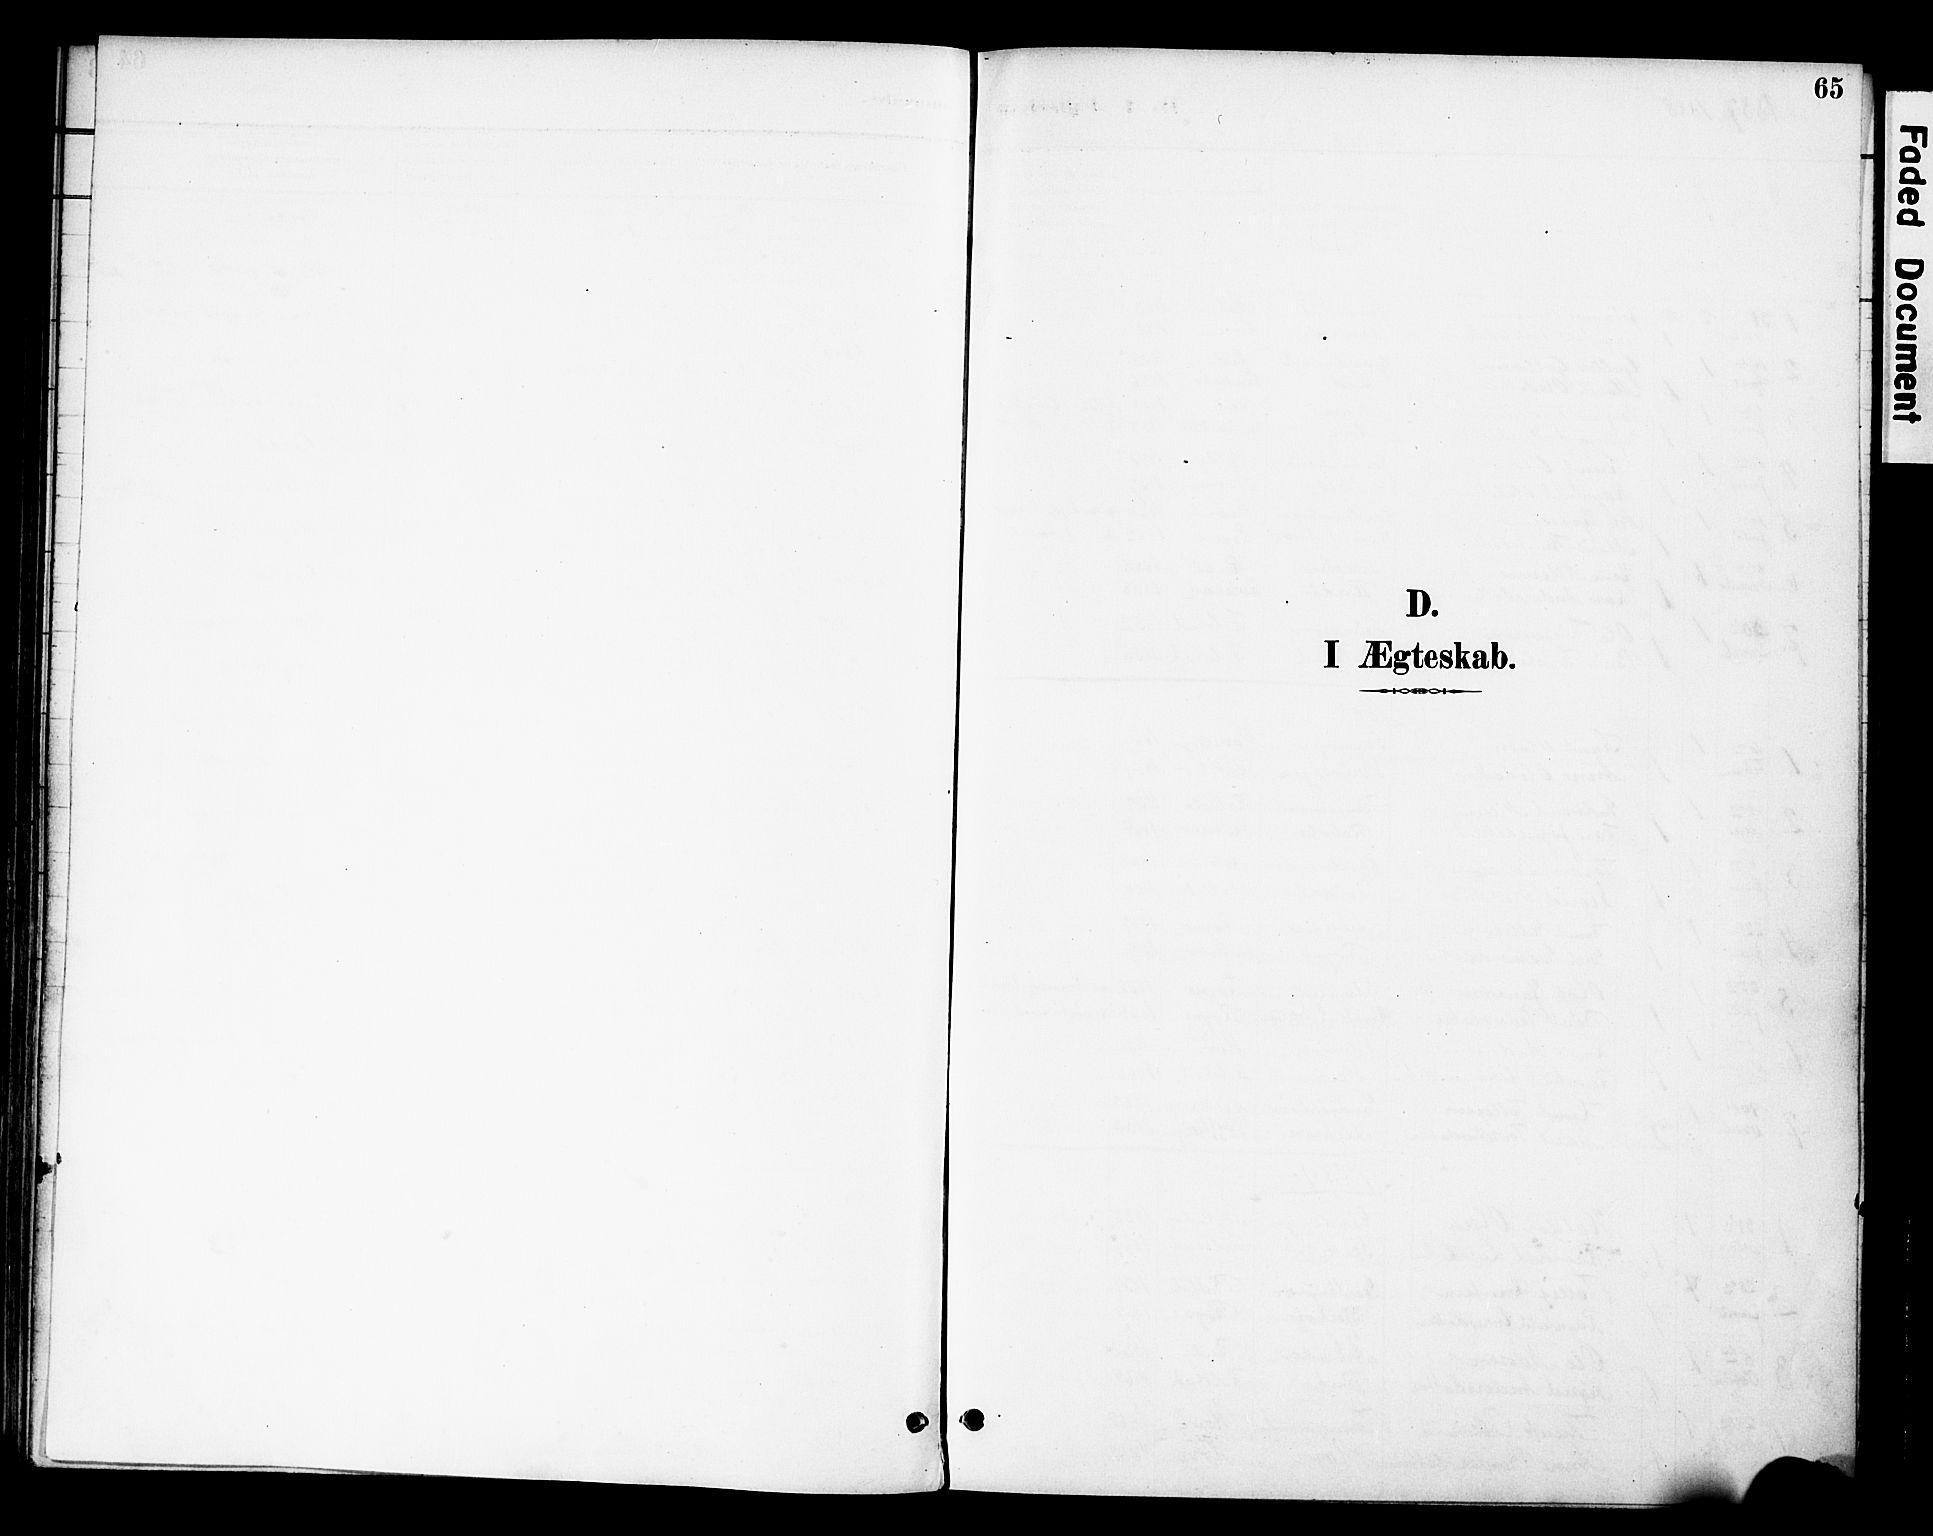 SAH, Øystre Slidre prestekontor, Ministerialbok nr. 3, 1887-1910, s. 65